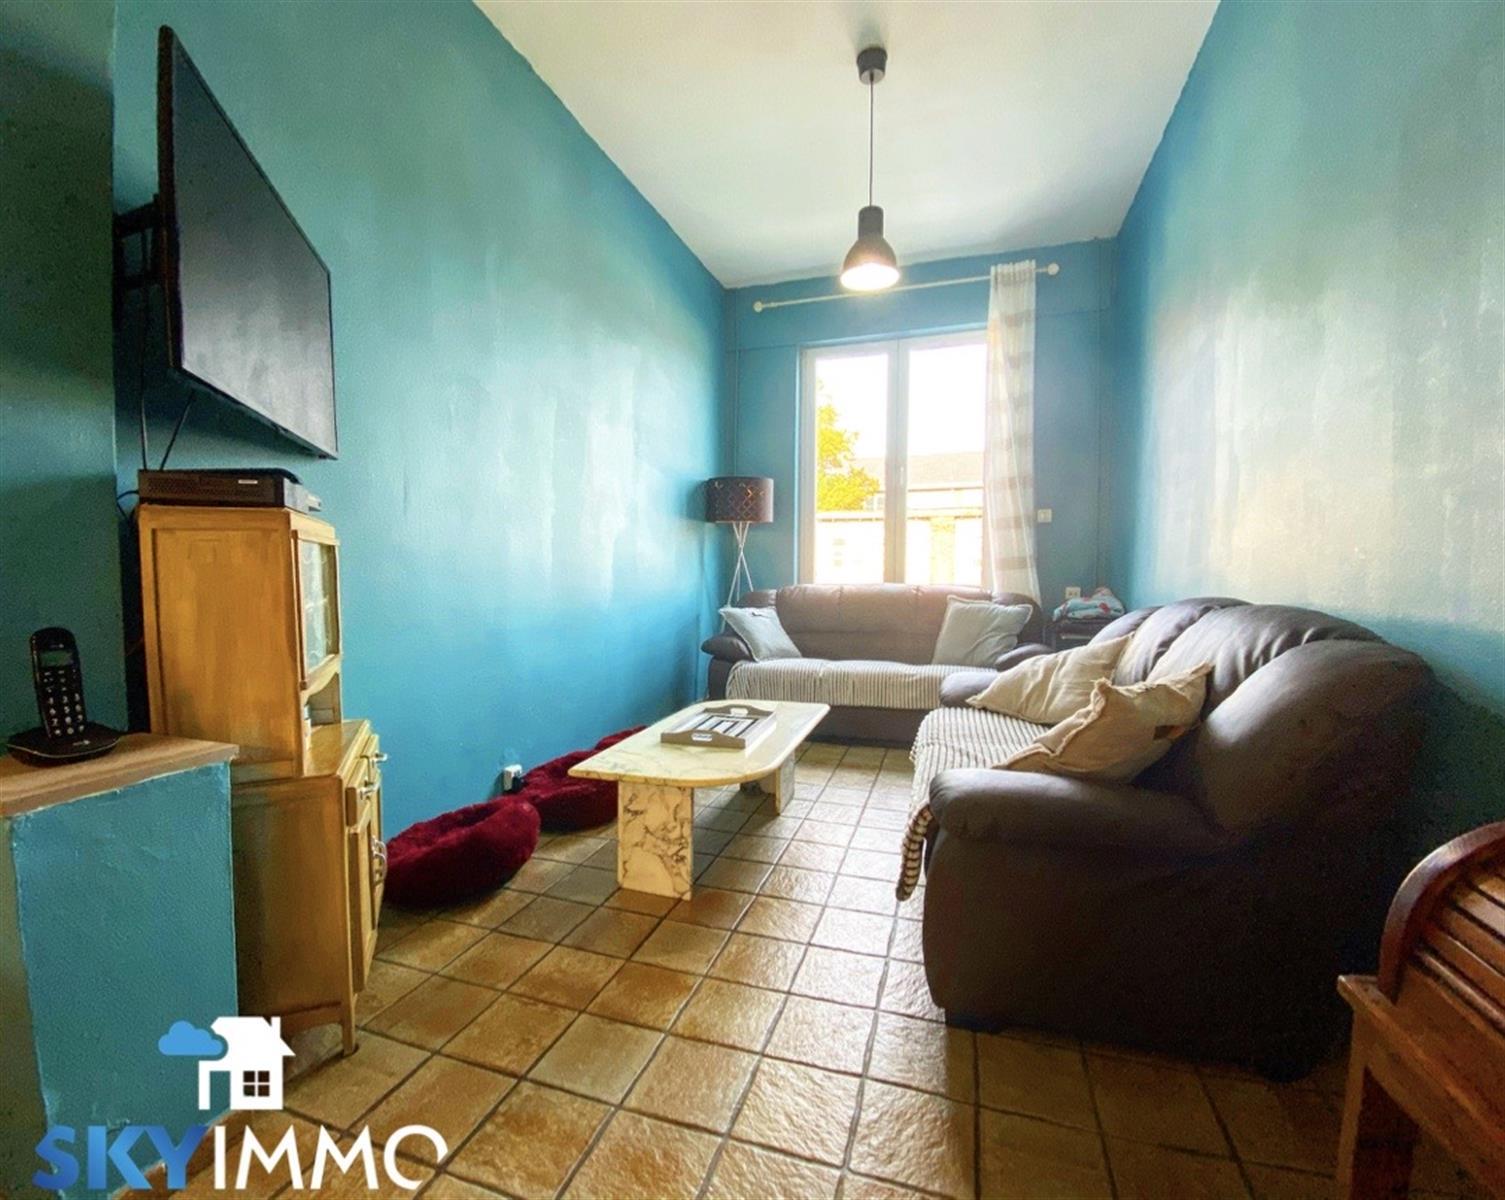 Maison - Liege - #4147640-5